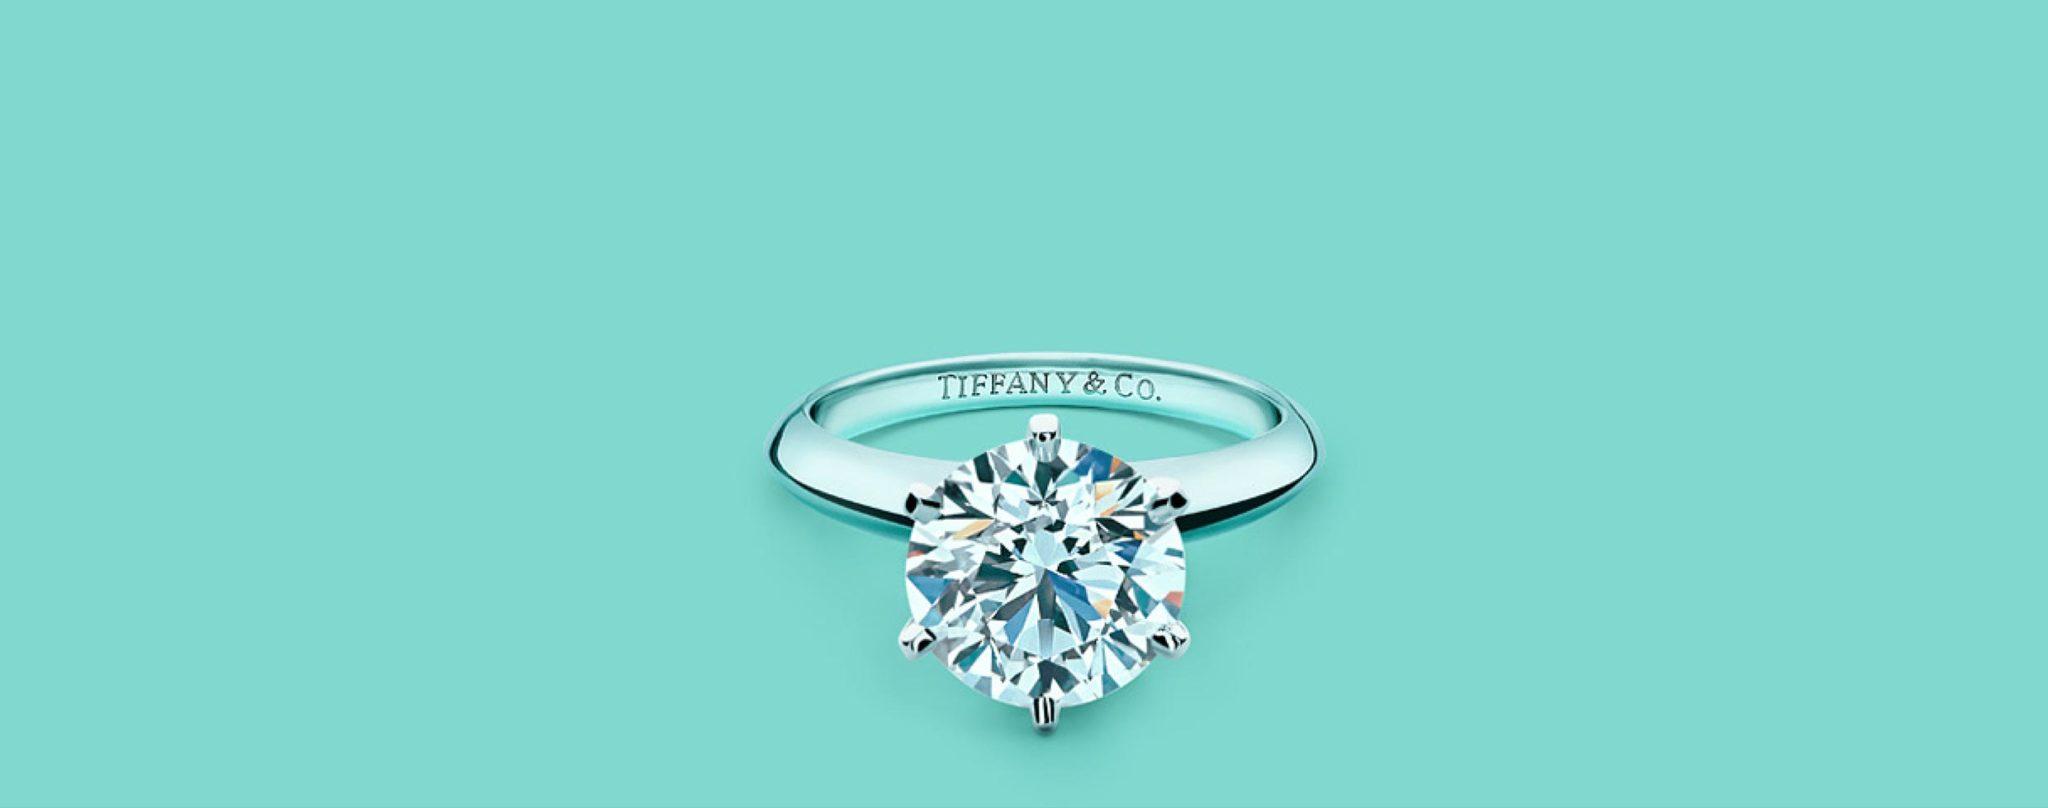 Los diamantes más emblemáticos de Tiffany & Co